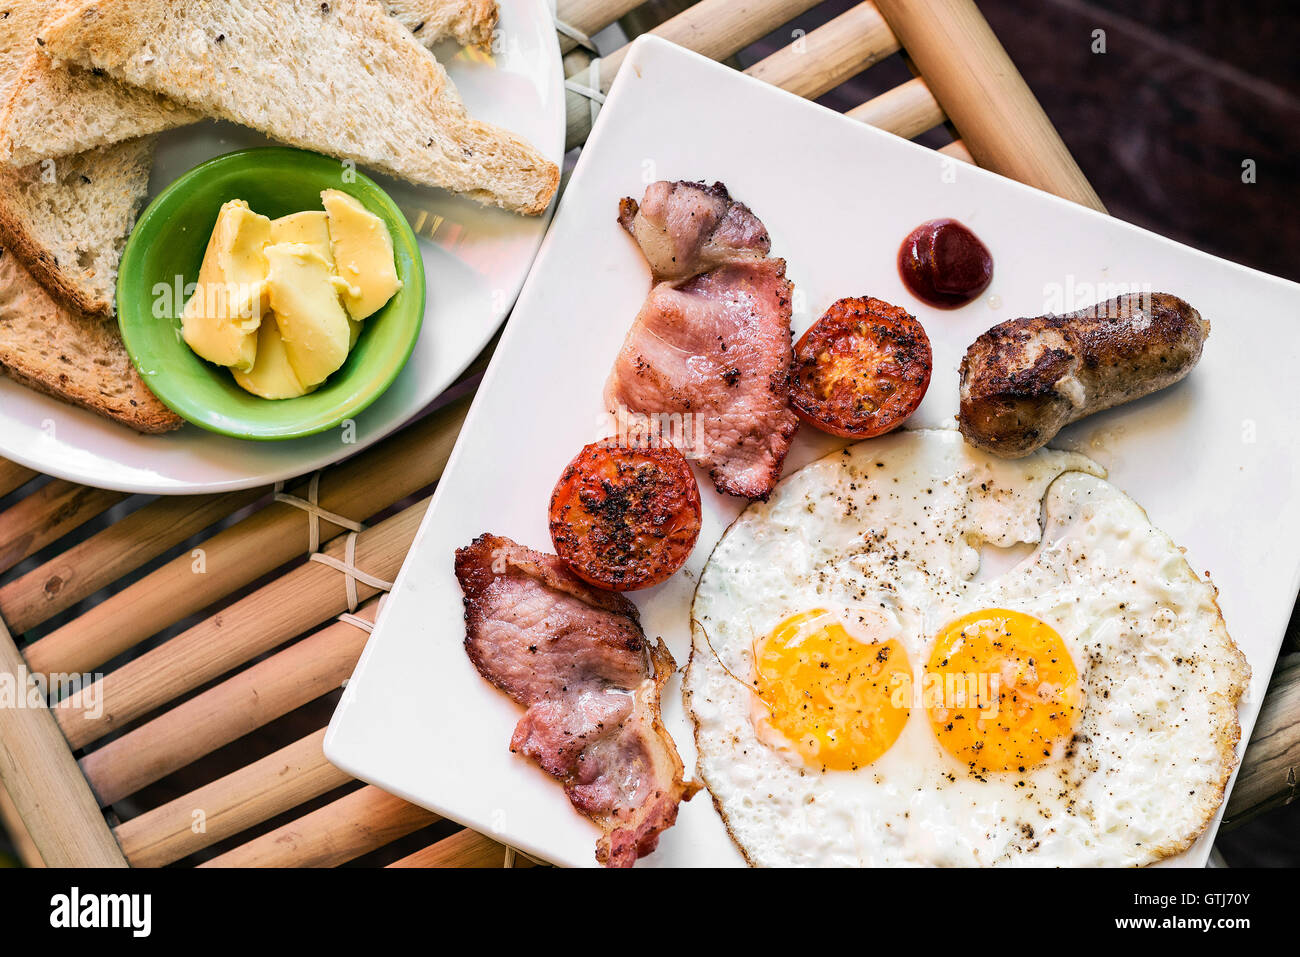 Classico tradizionale inglese british colazione fritta con uova pancetta salsiccia di pomodoro e toast impostato Immagini Stock